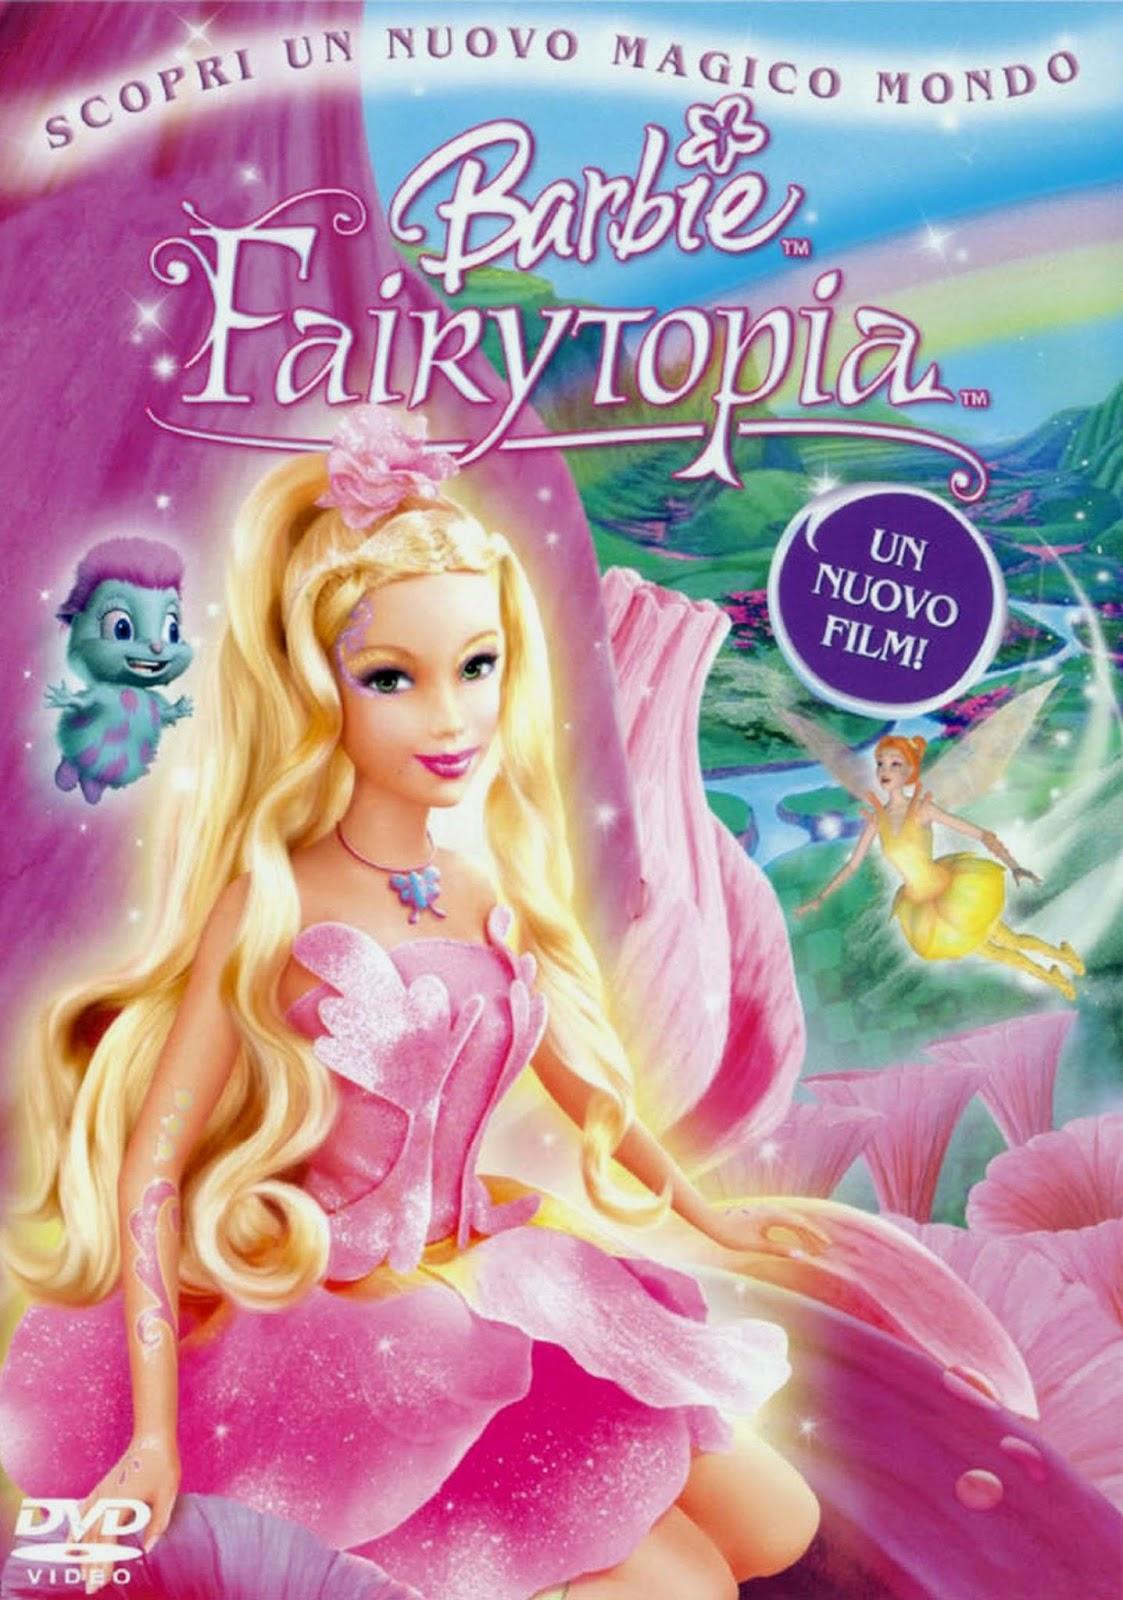 ดูการ์ตูน Barbie Fairytopia นางฟ้าในโลกแห่งความฝัน